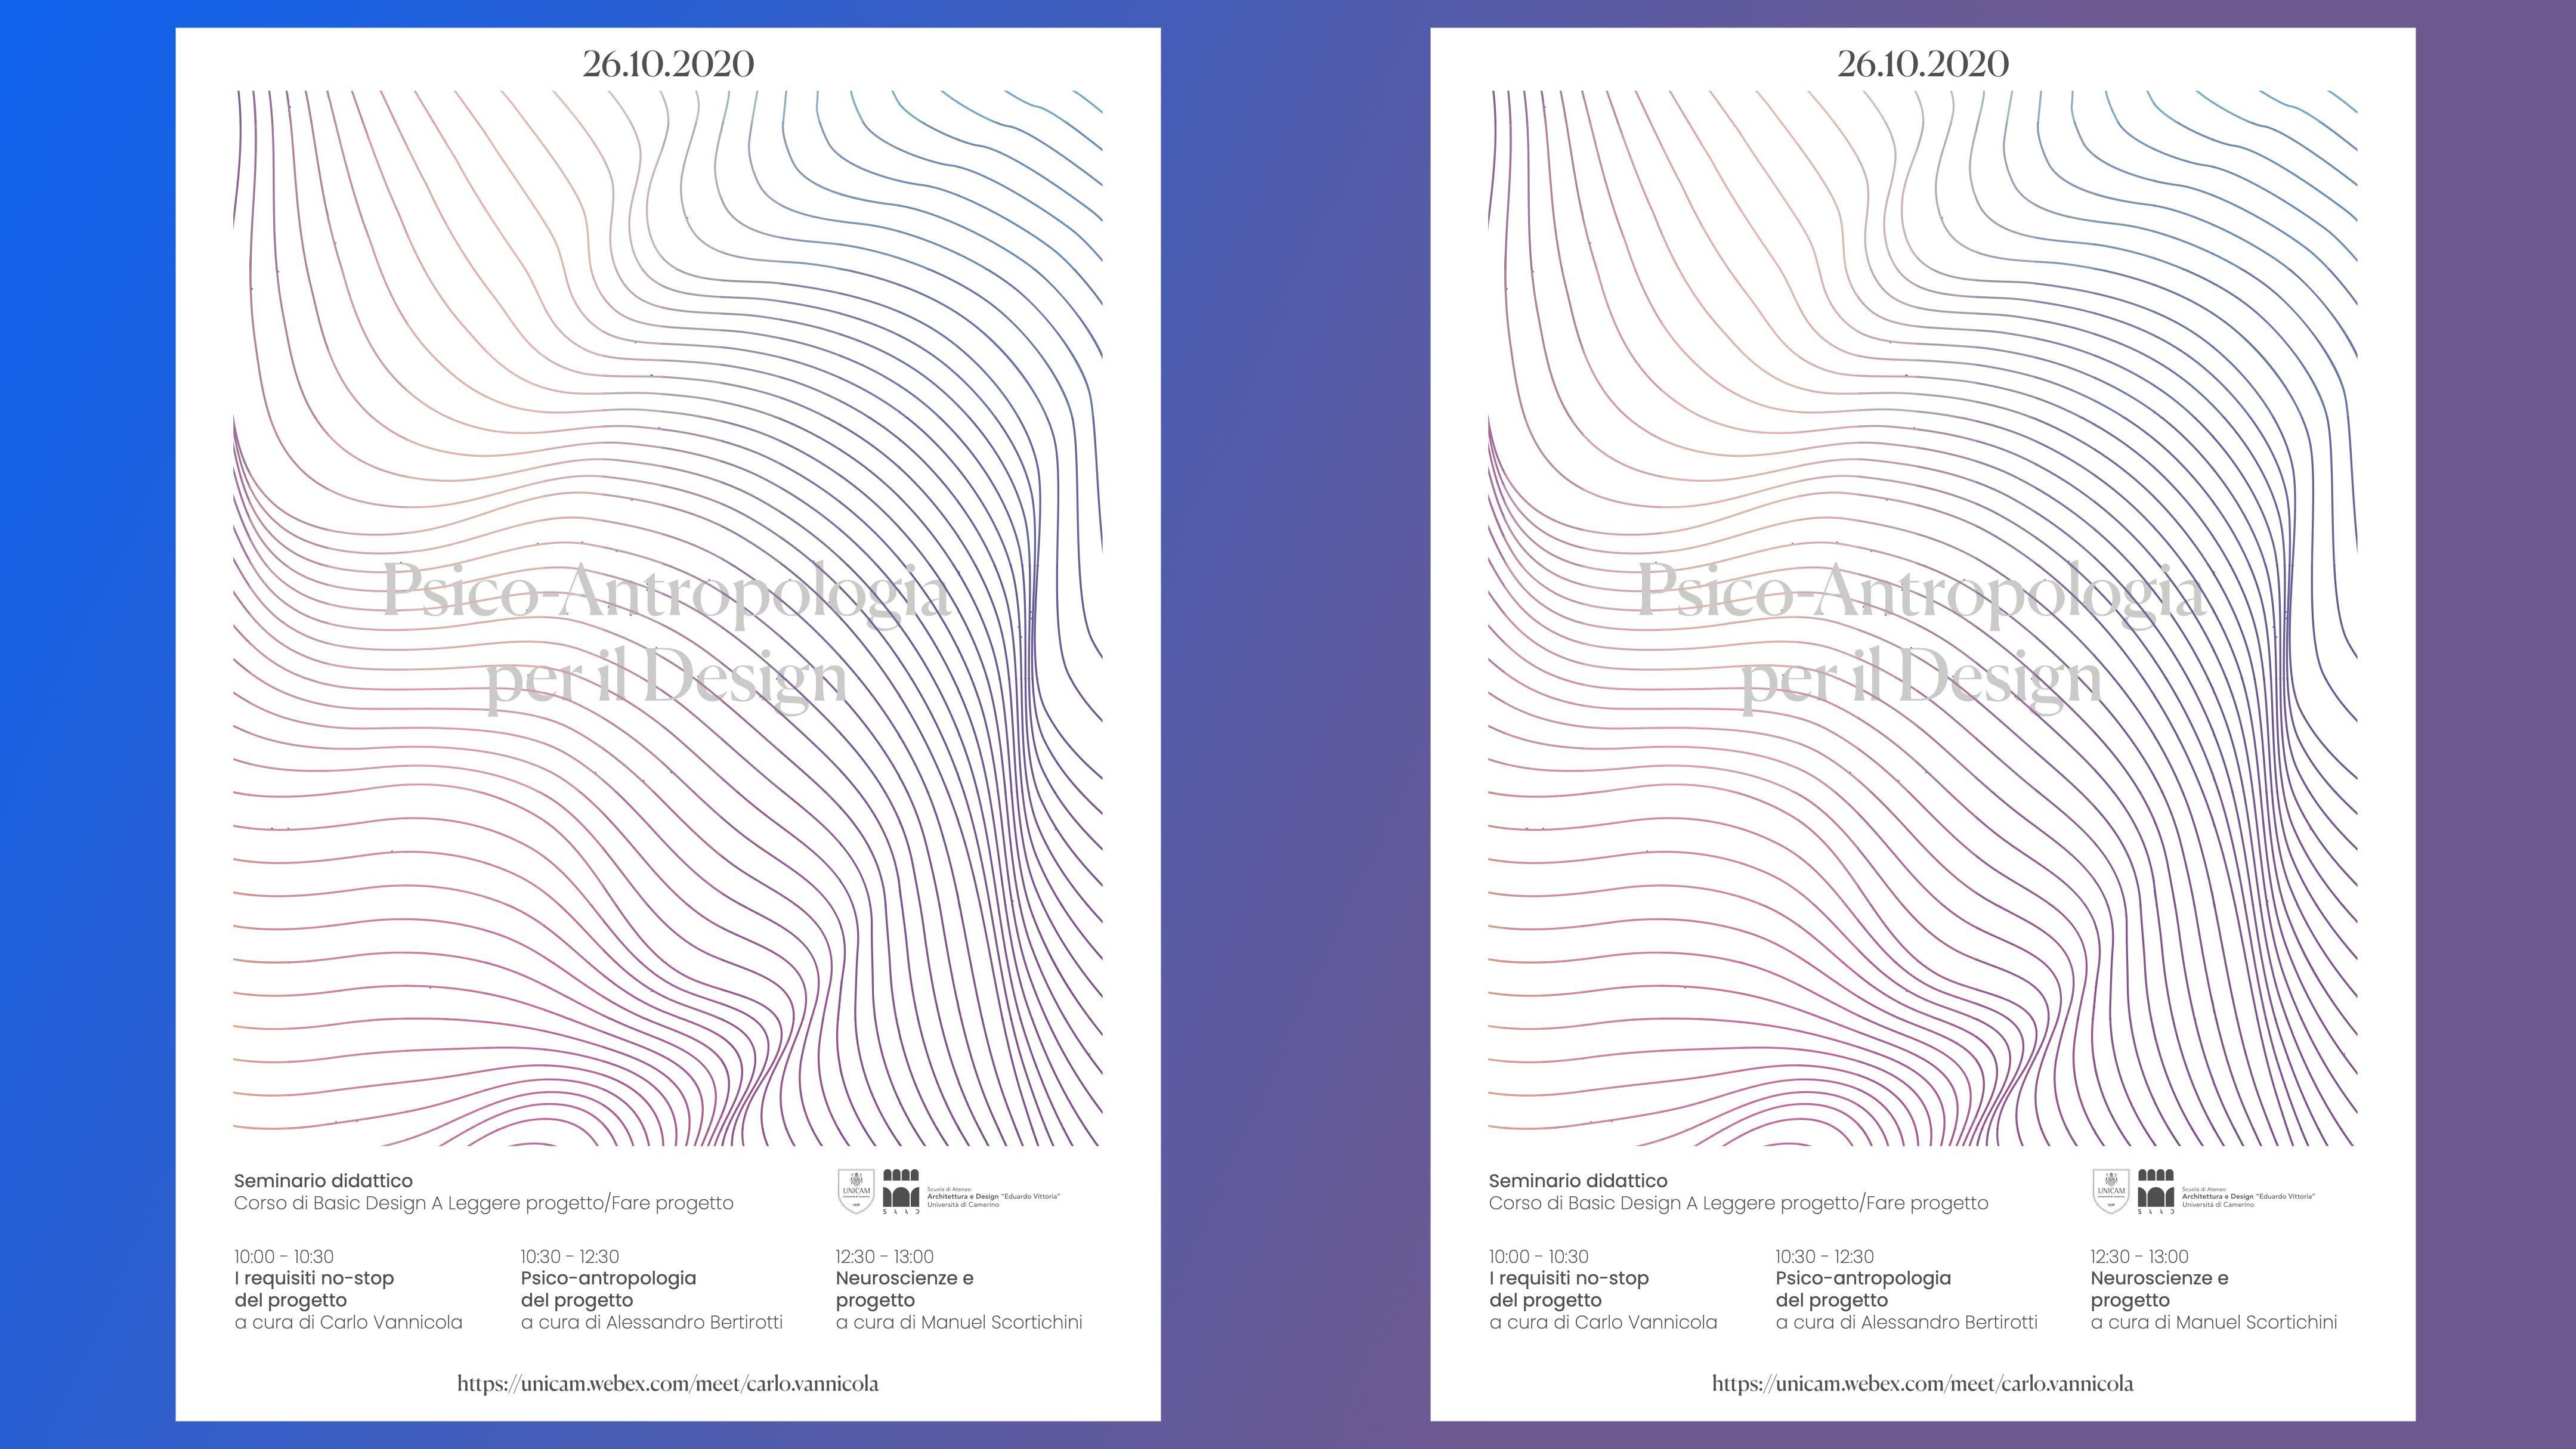 Psico-Antropologia per il Design